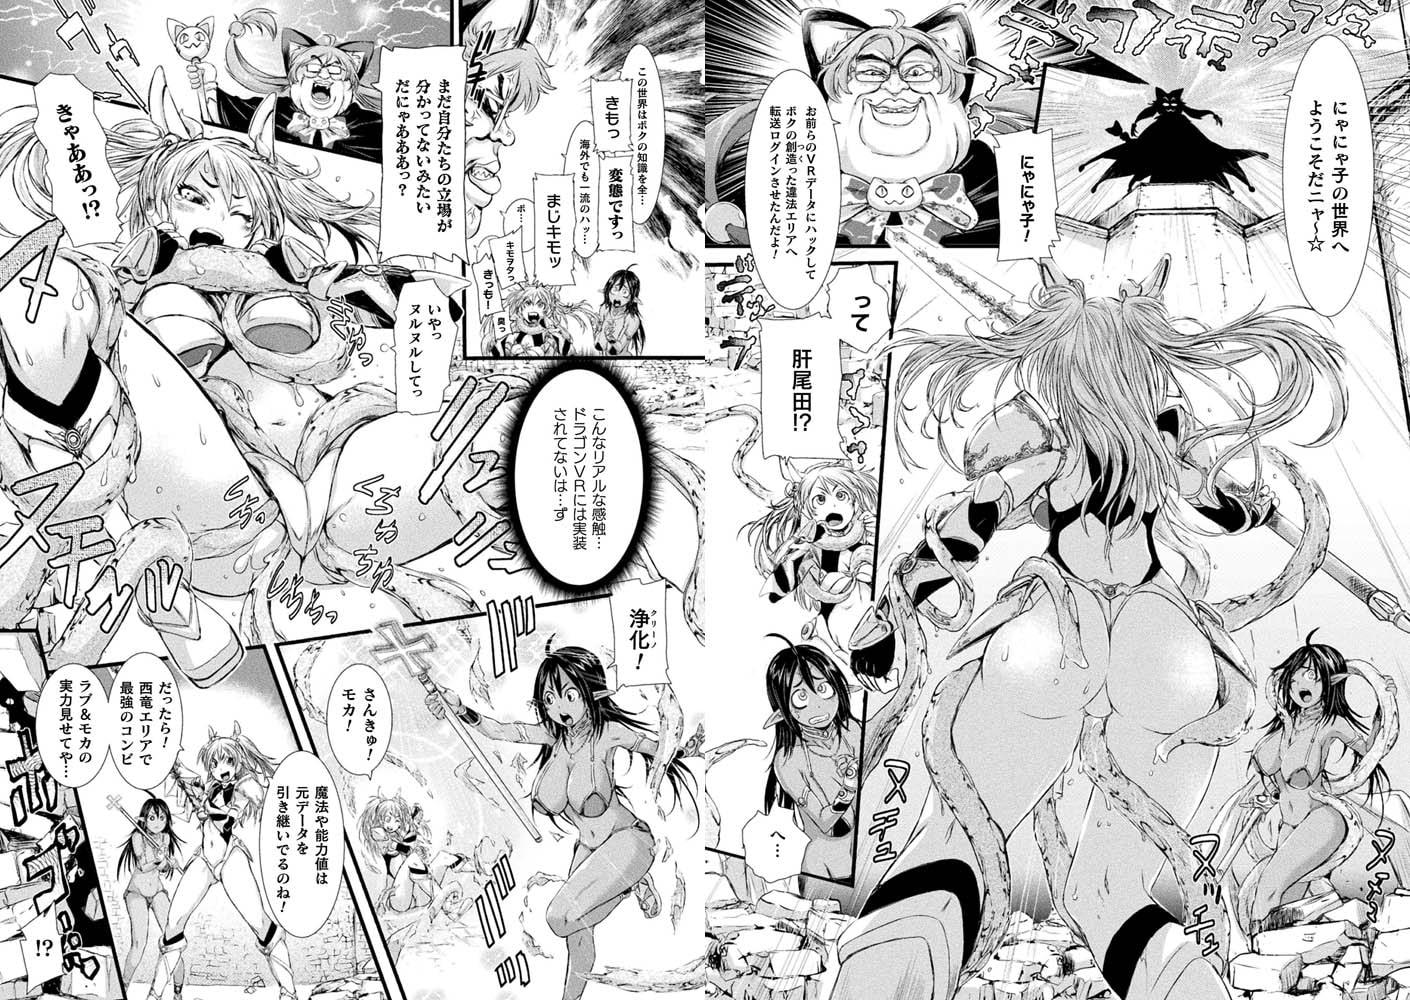 【触手】石野鐘音先生2冊パック(202010) サンプル画像9